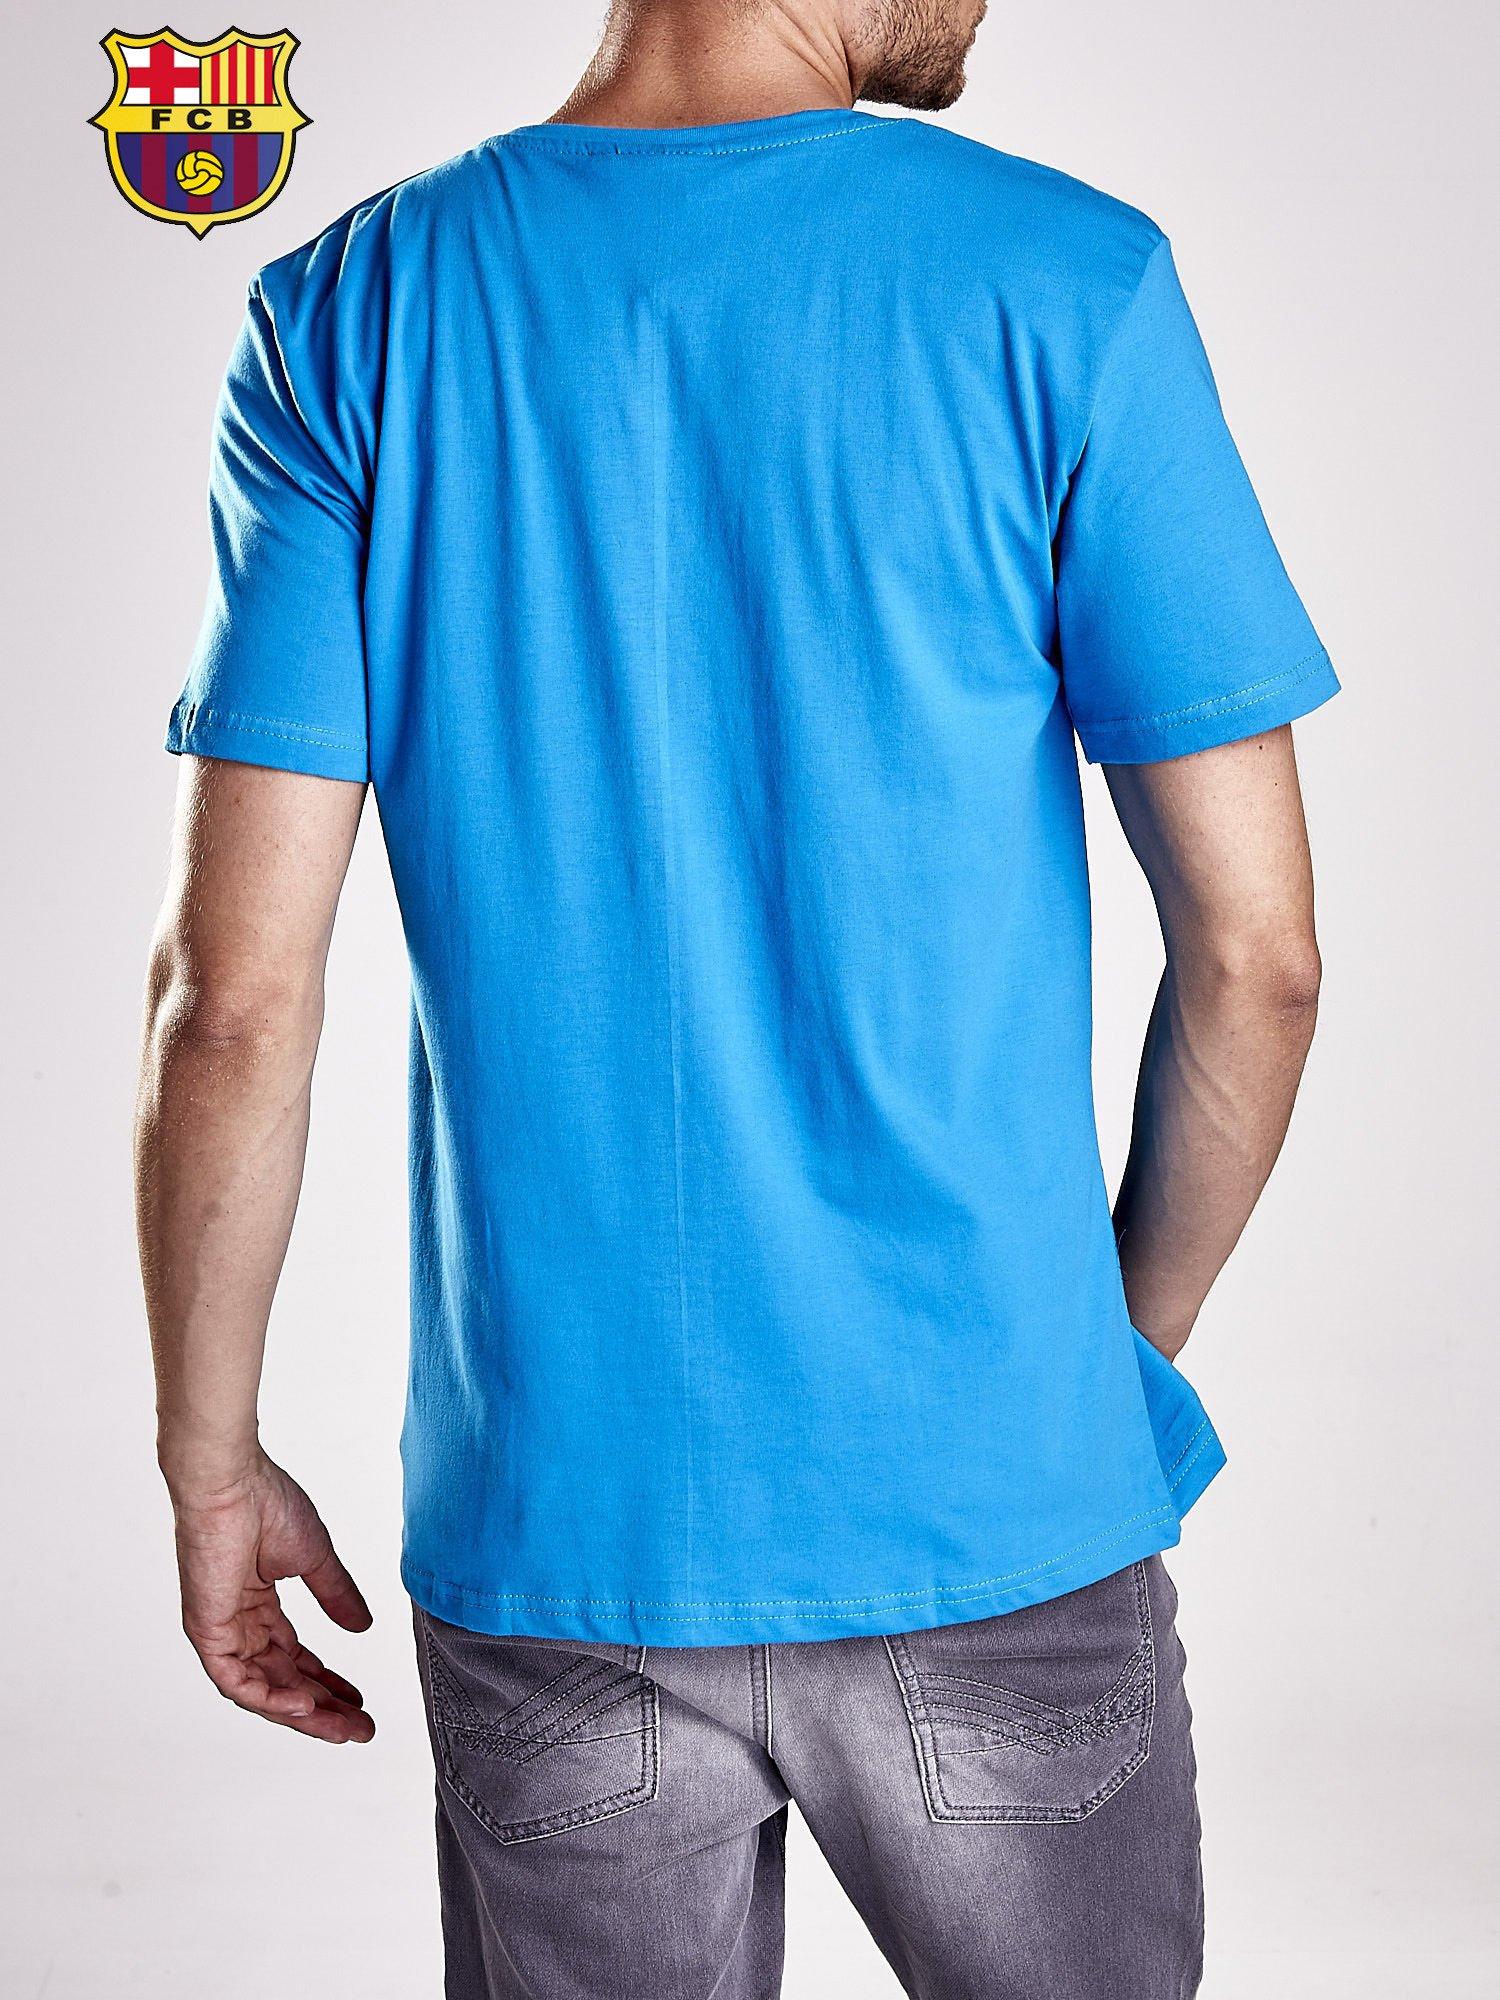 Niebieski t-shirt męski FC BARCELONA                                  zdj.                                  2